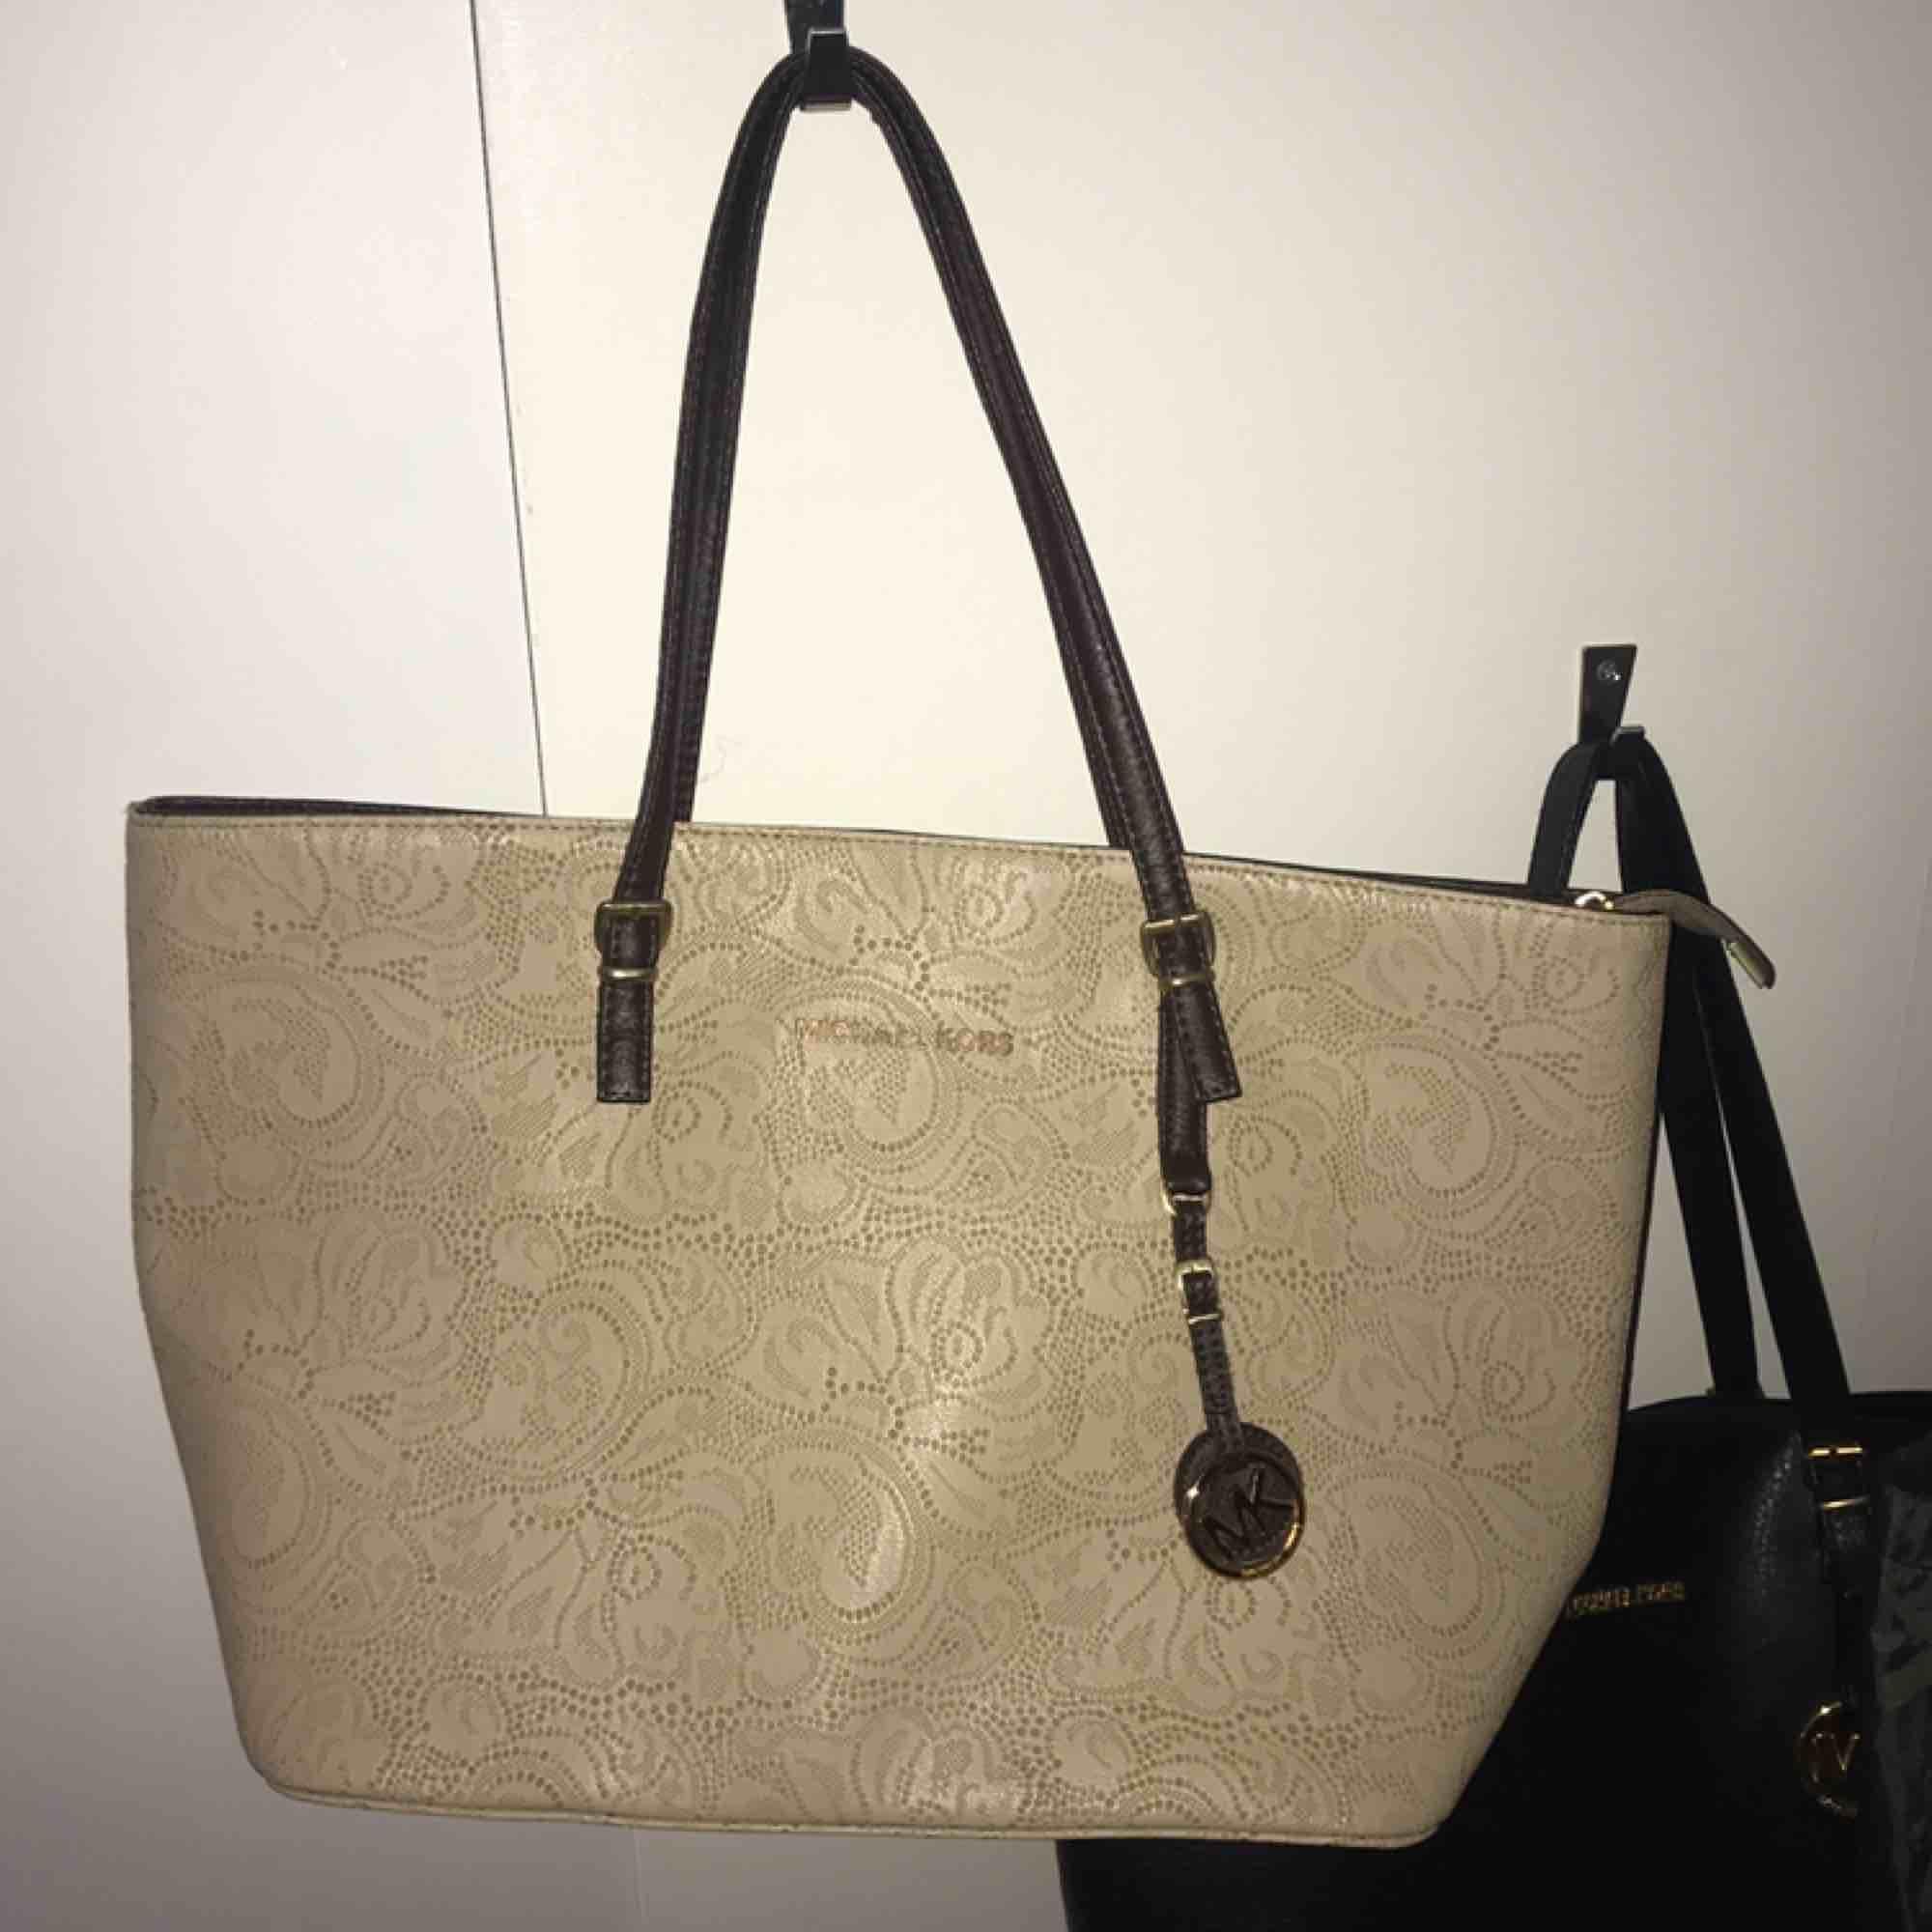 FAKE Michael kors väska som nästan aldrig är använd, väldigt bra och fin kopia :). Accessoarer.